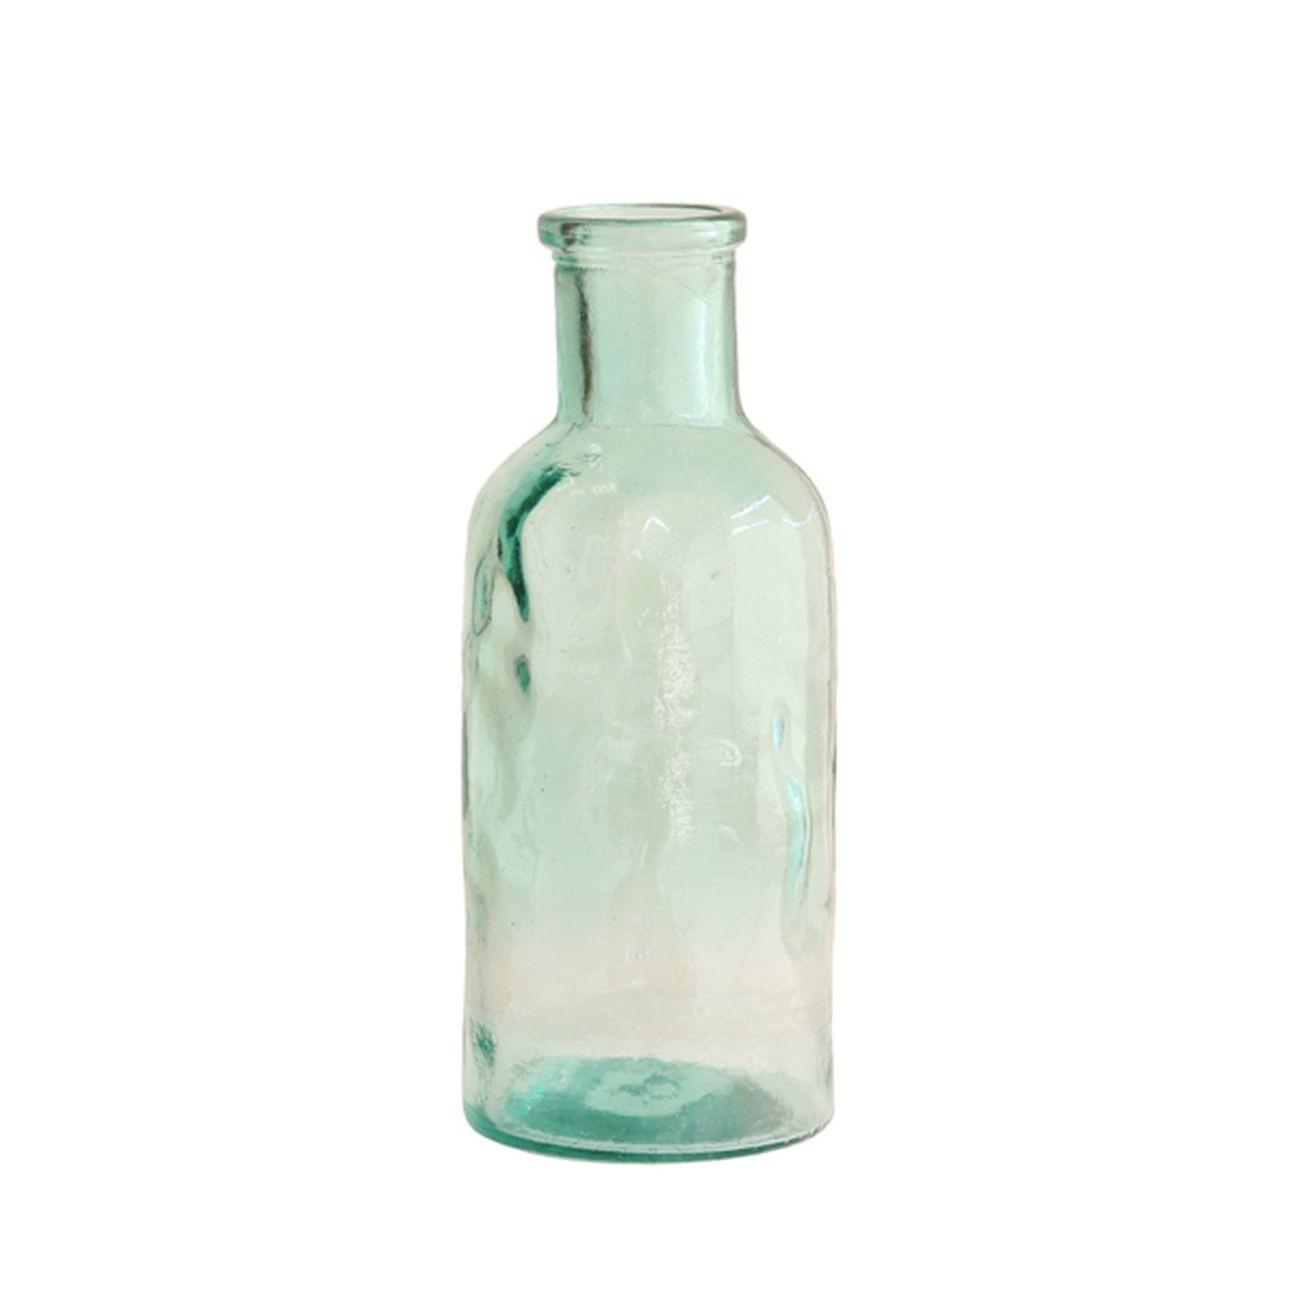 HK living glass flower Vase - M